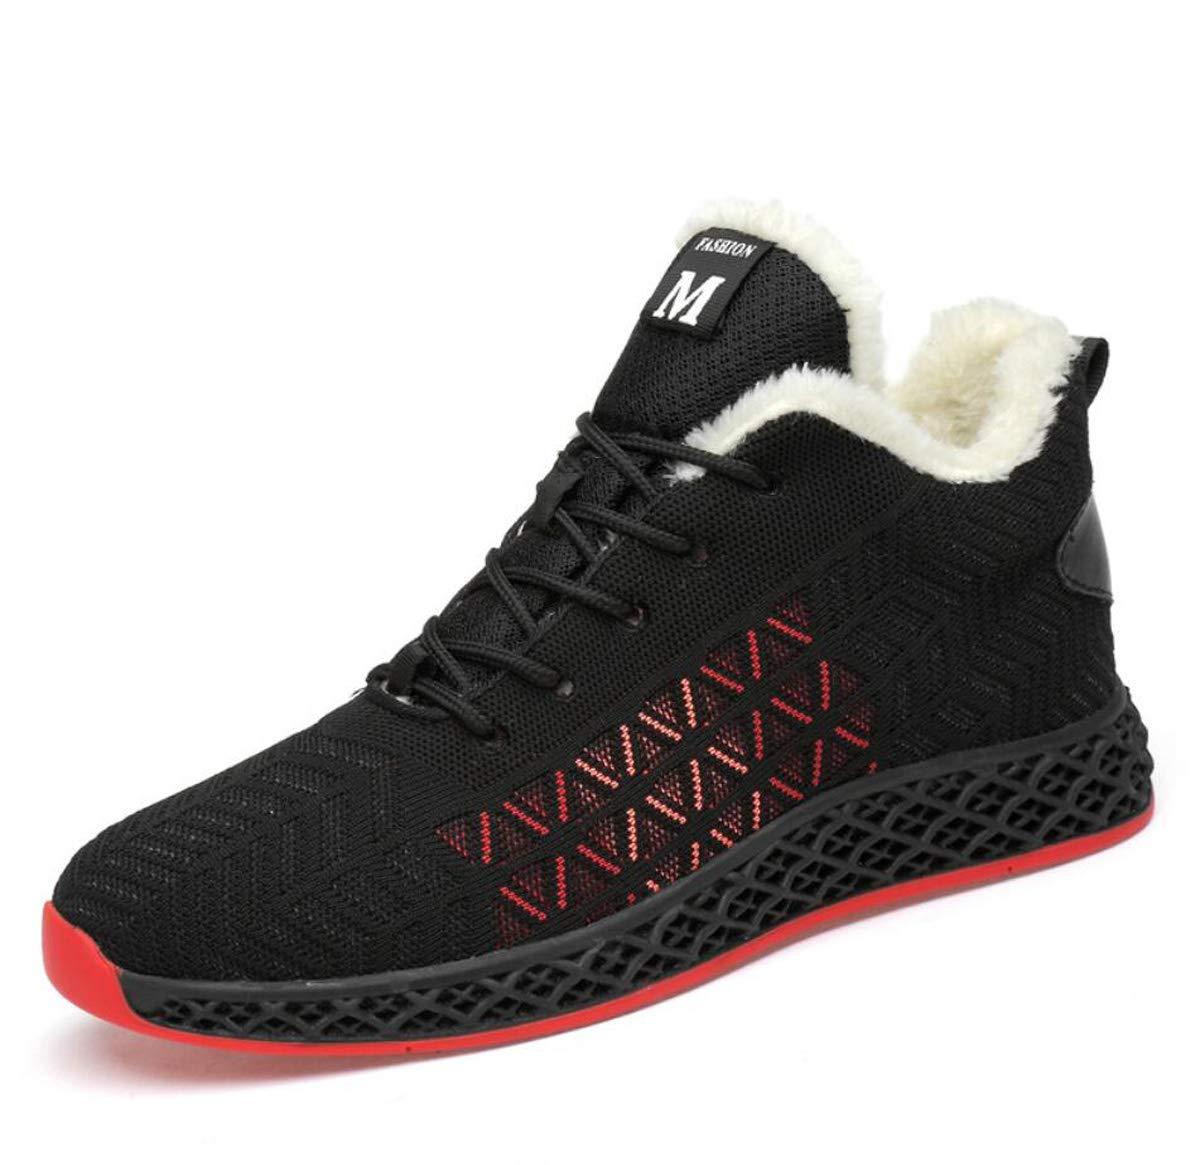 B DANDANJIE Chaussures de Course d'hiver Hommes Occasionnels Chaussures de Sport de Mode Chaudes Chaussures de Marche baskets 41EU